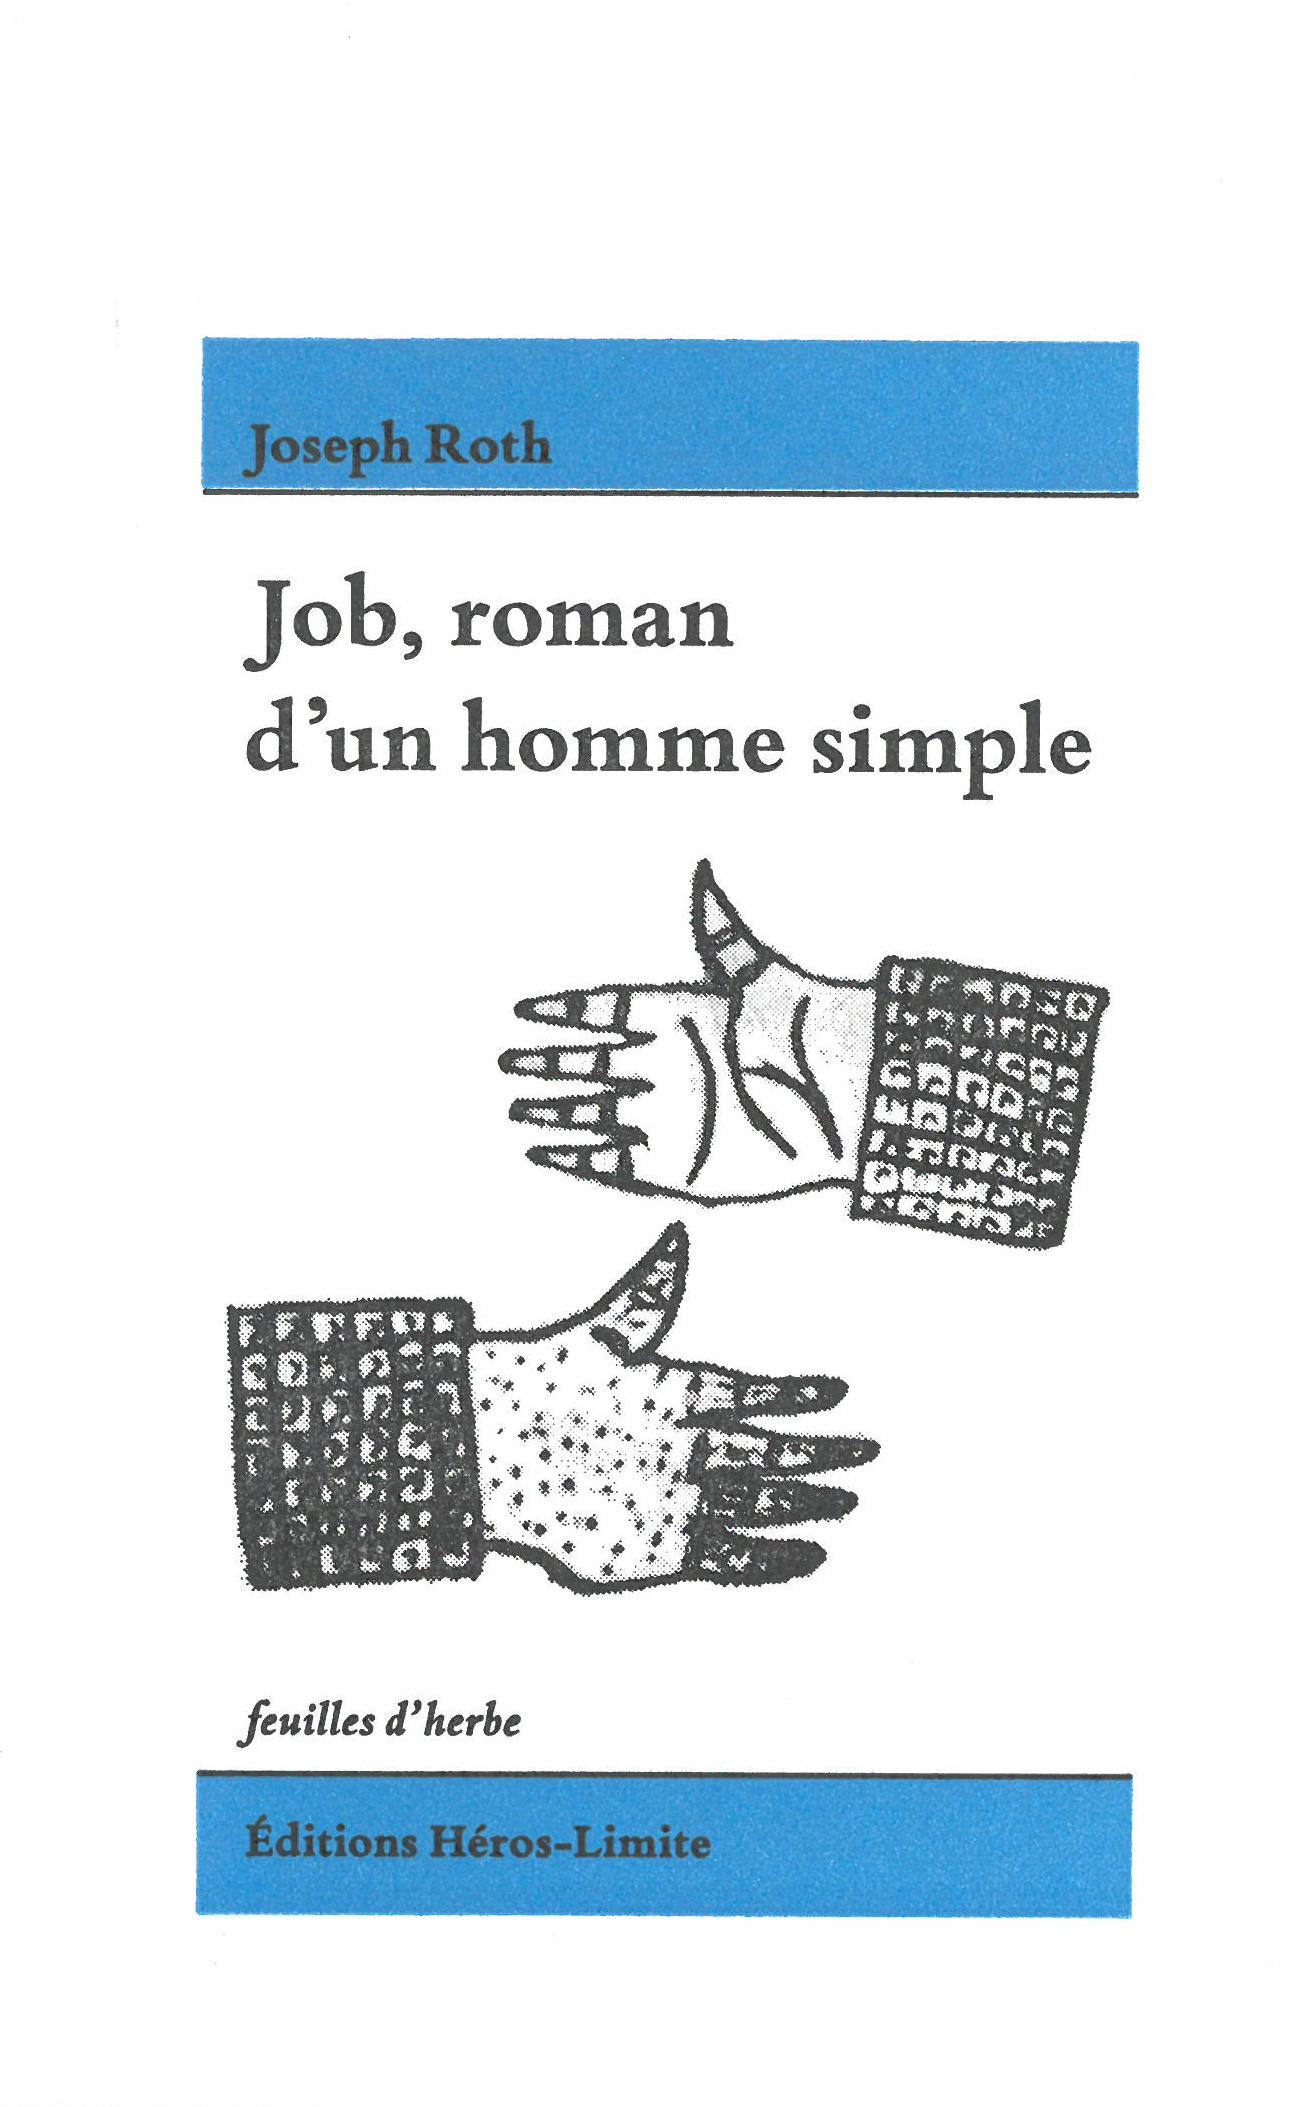 JOB, ROMAN D'UN HOMME SIMPLE